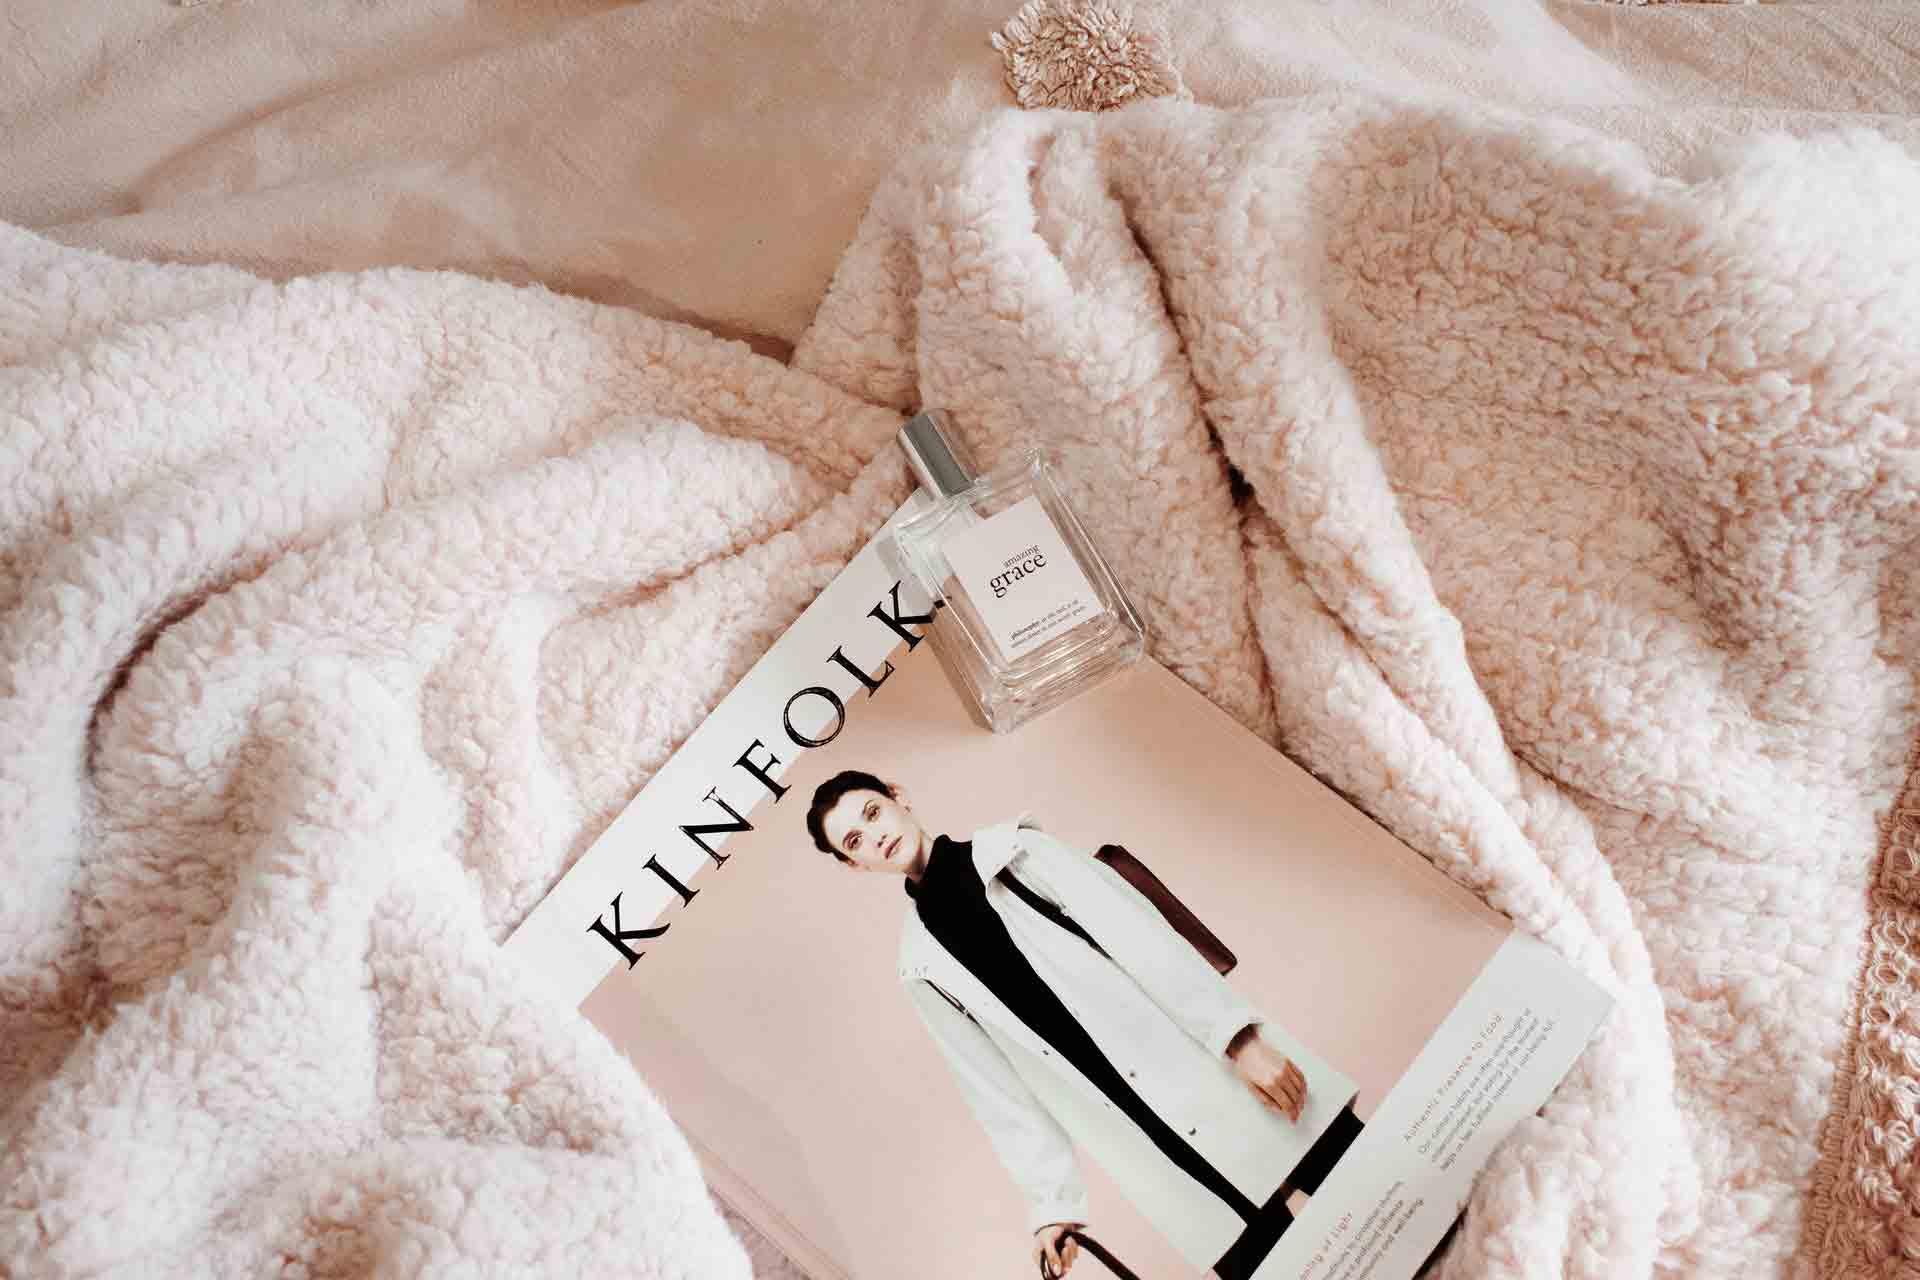 kinfolk-tag-on-blanket-2870724